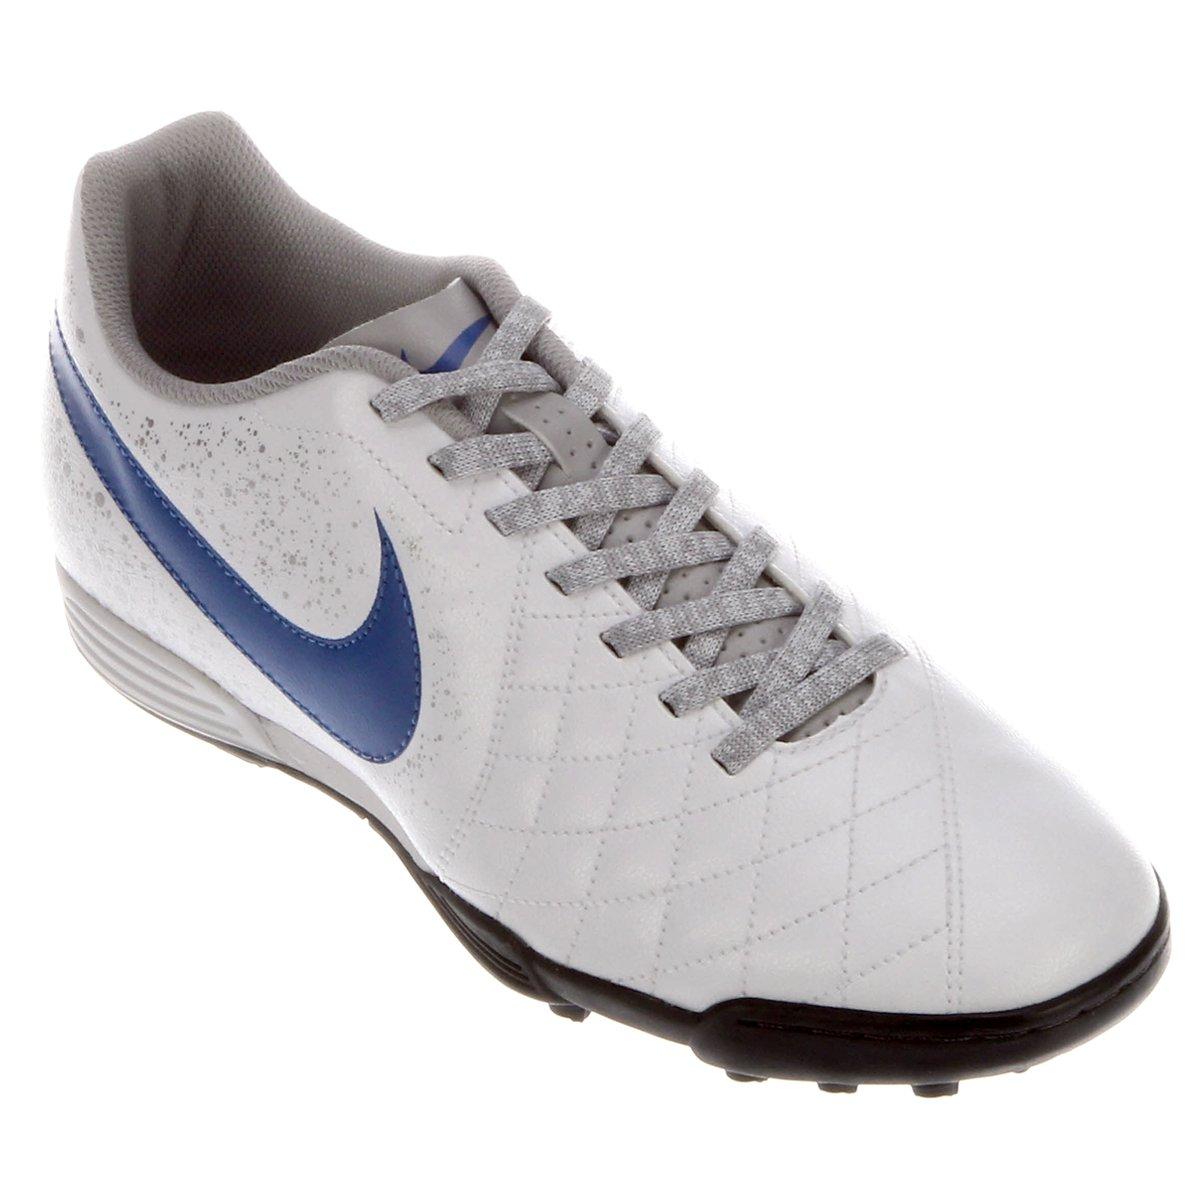 Chuteira Nike Flare 2 TF - Compre Agora  3f66f8702ba22